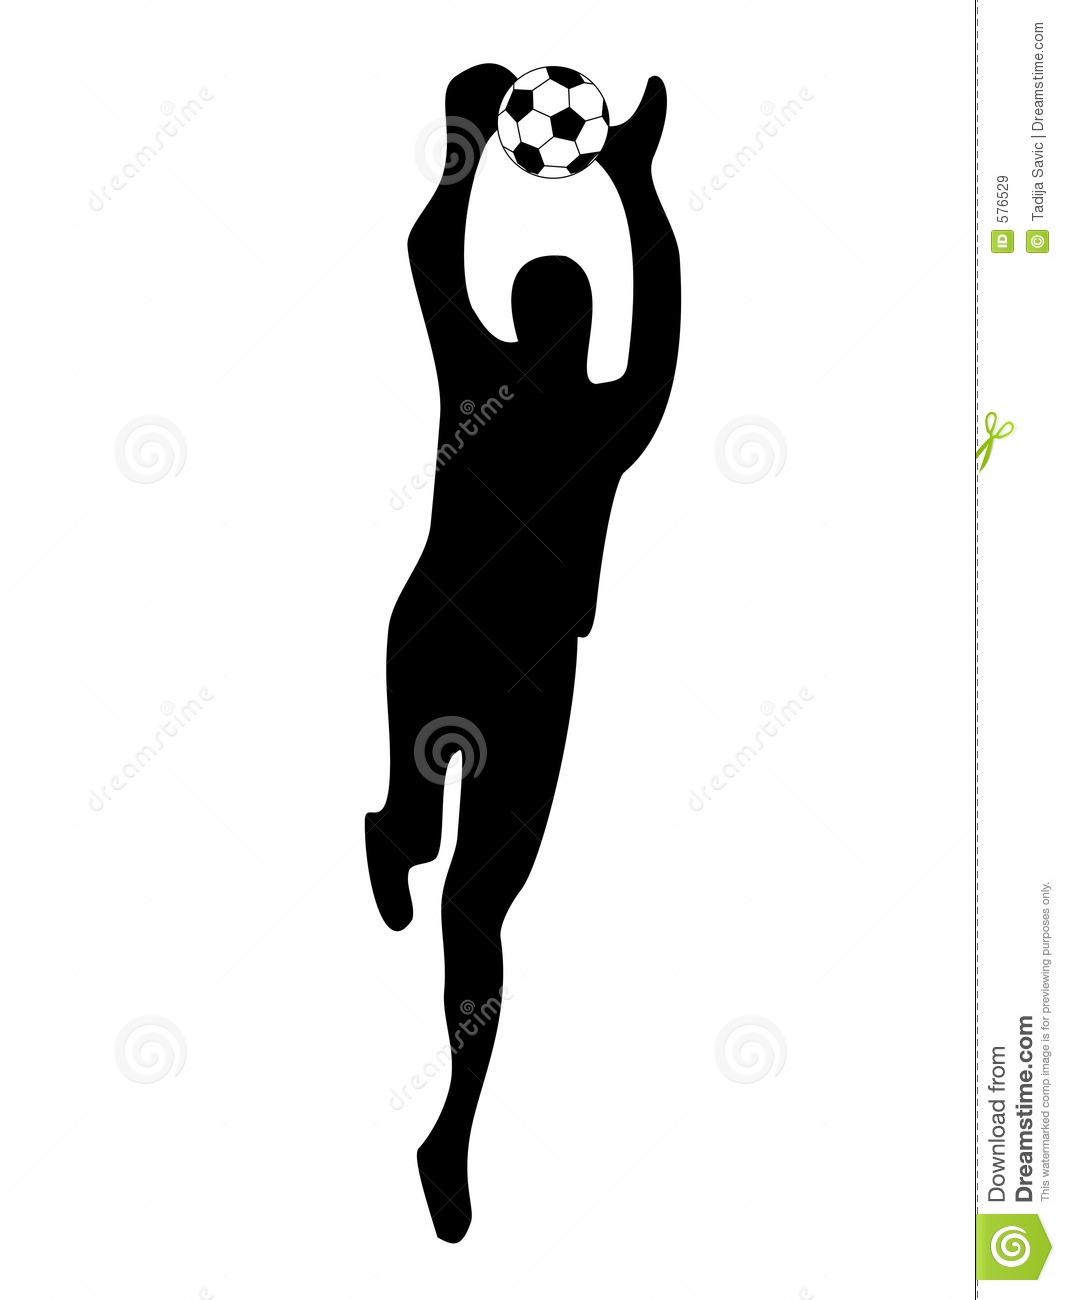 Diving clipart soccer goalie Silhouette Dive soccer (53+) goalie